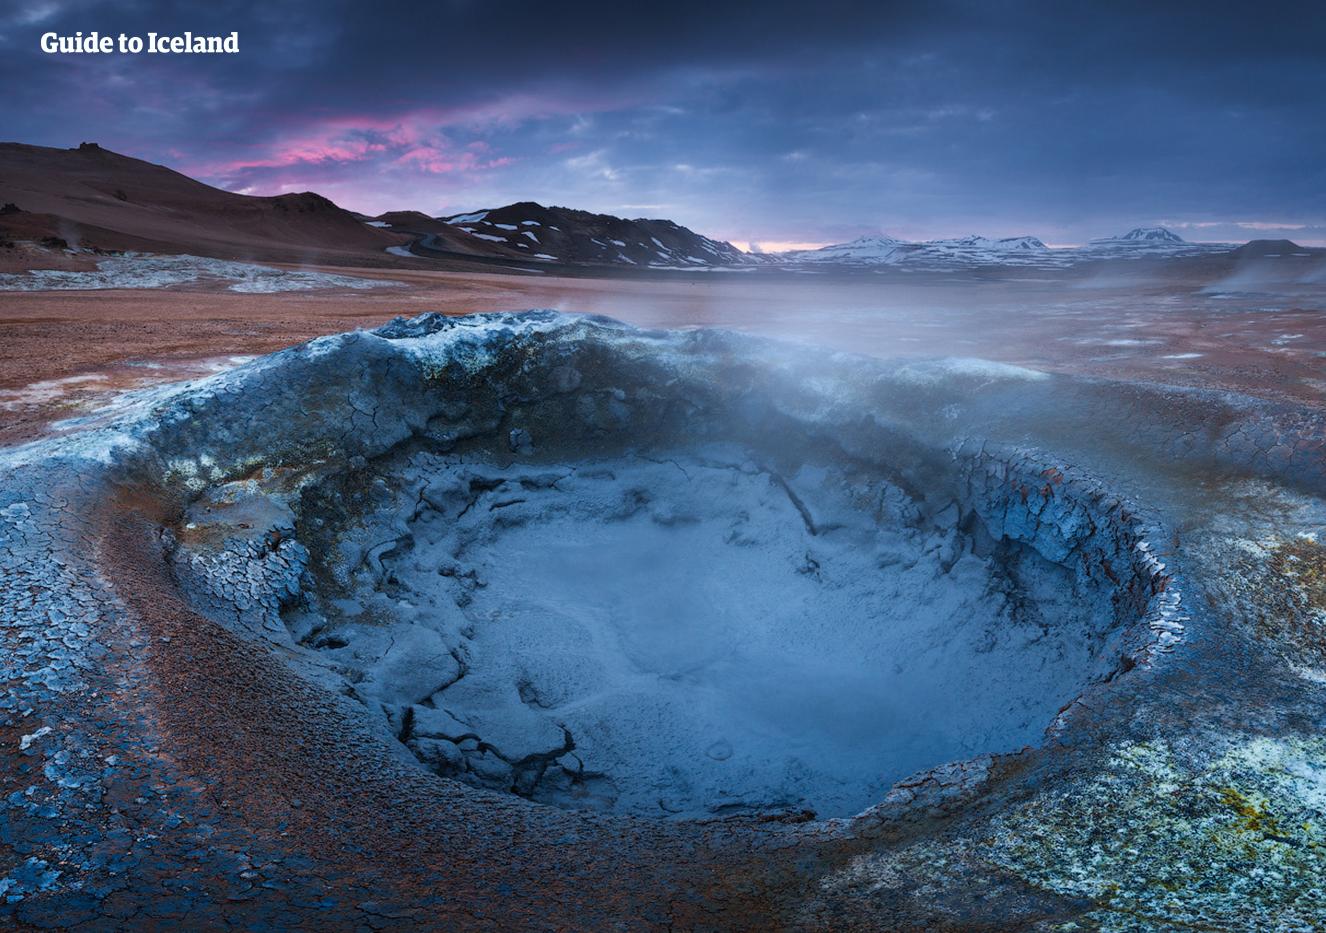 アイスランドの楽しみ方 トップ1...